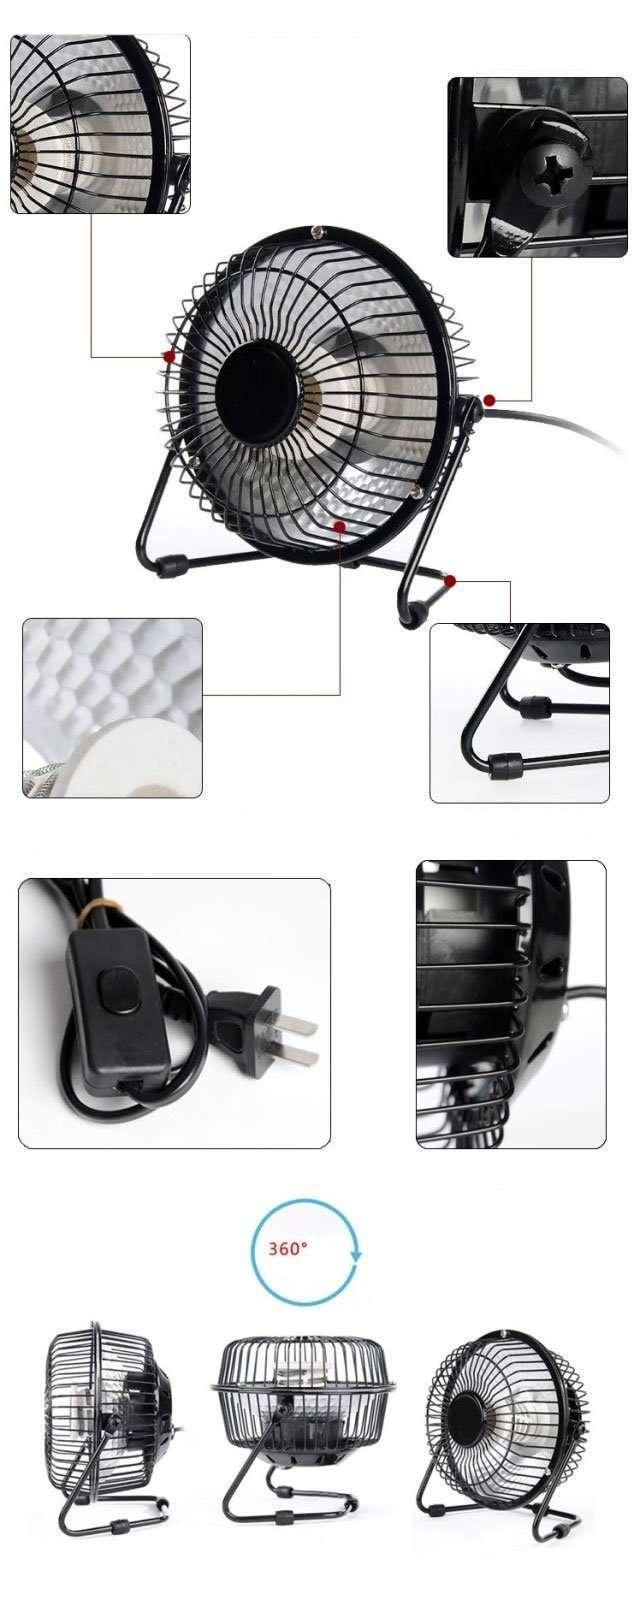 Portable Desktop Mini Electric Heater details